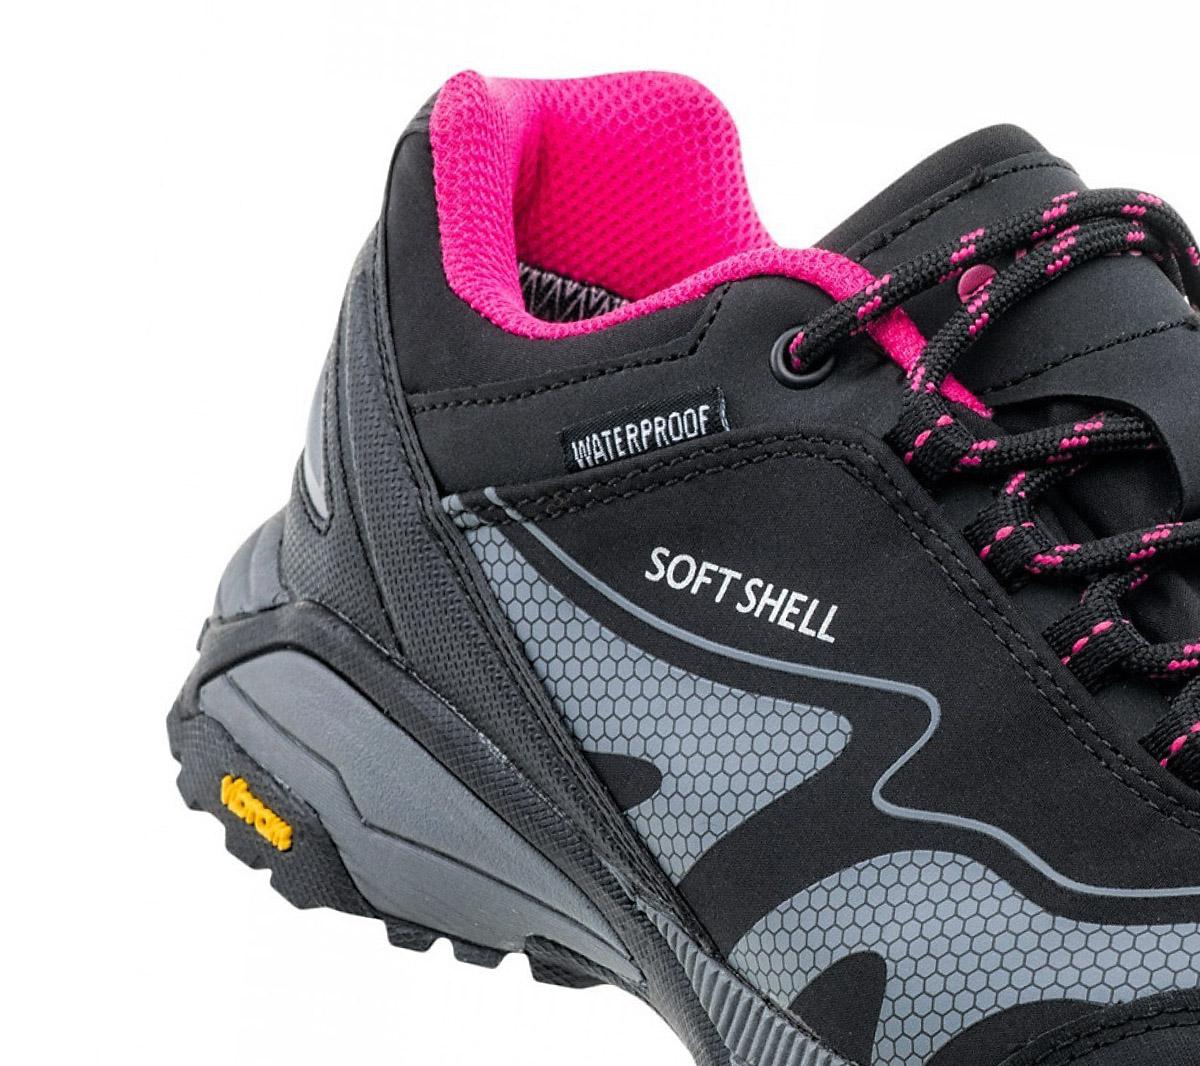 najlepsze oferty na Gdzie mogę kupić wielka wyprzedaż uk Details about Hi-tec Kangri Low Wp Softshell Vibram Shoes Women's Hiking  Outdoor Mountain